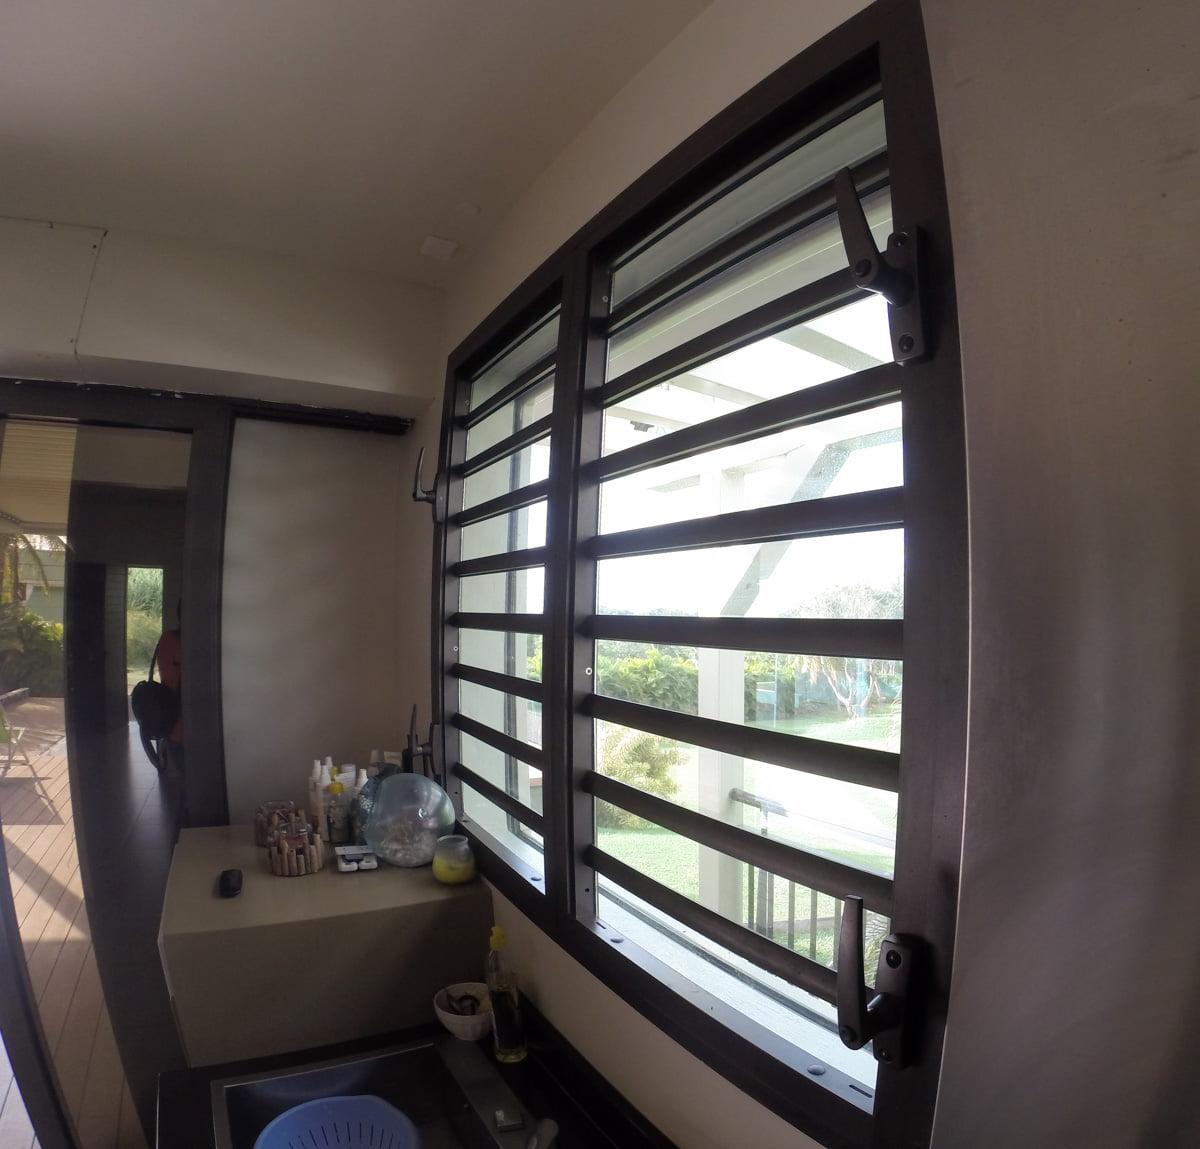 Villa alubat menuiserie aluminium guadeloupe for Fenetre villa